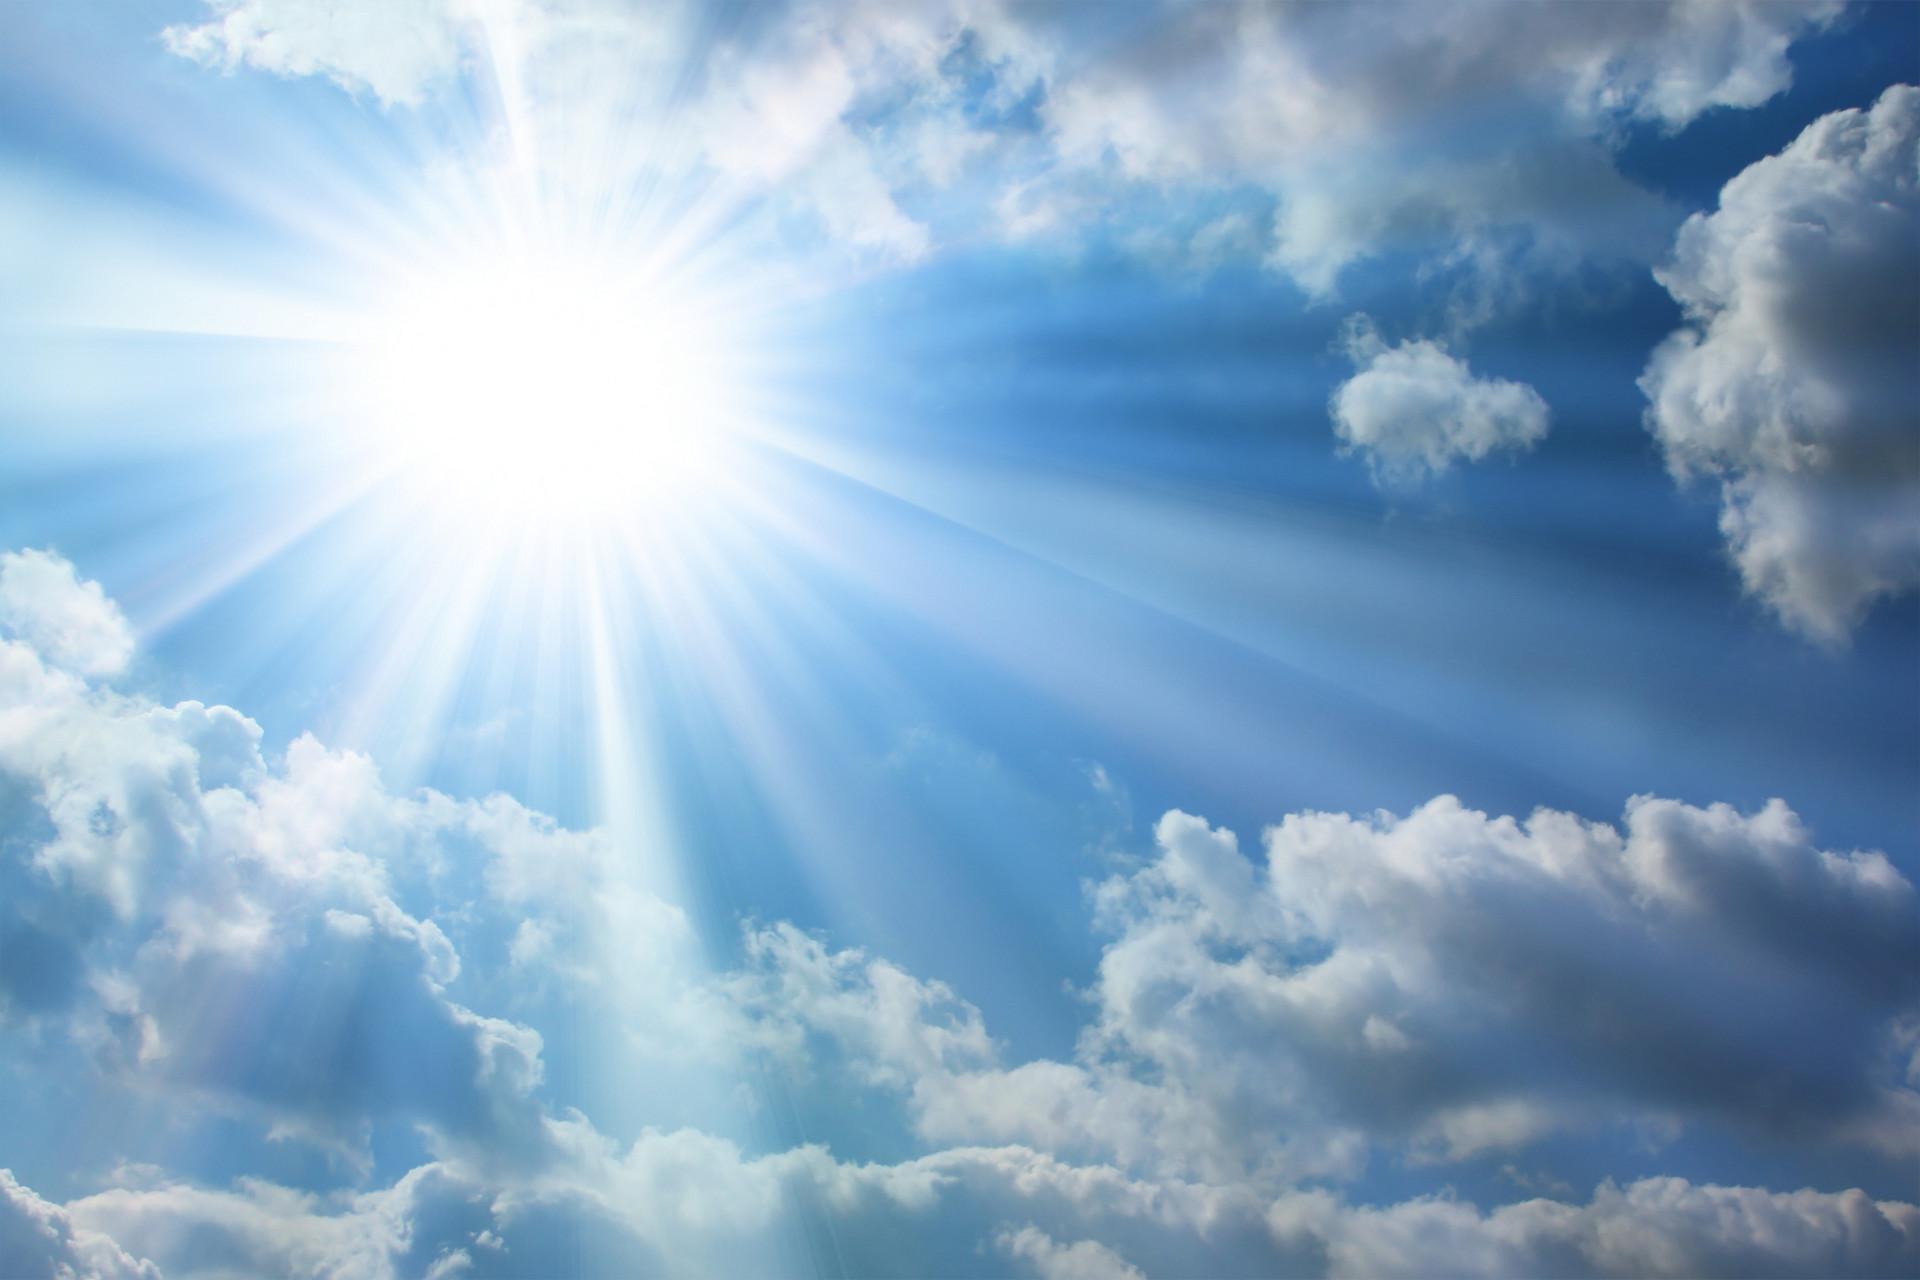 Фото яркое солнце в голубом облачном